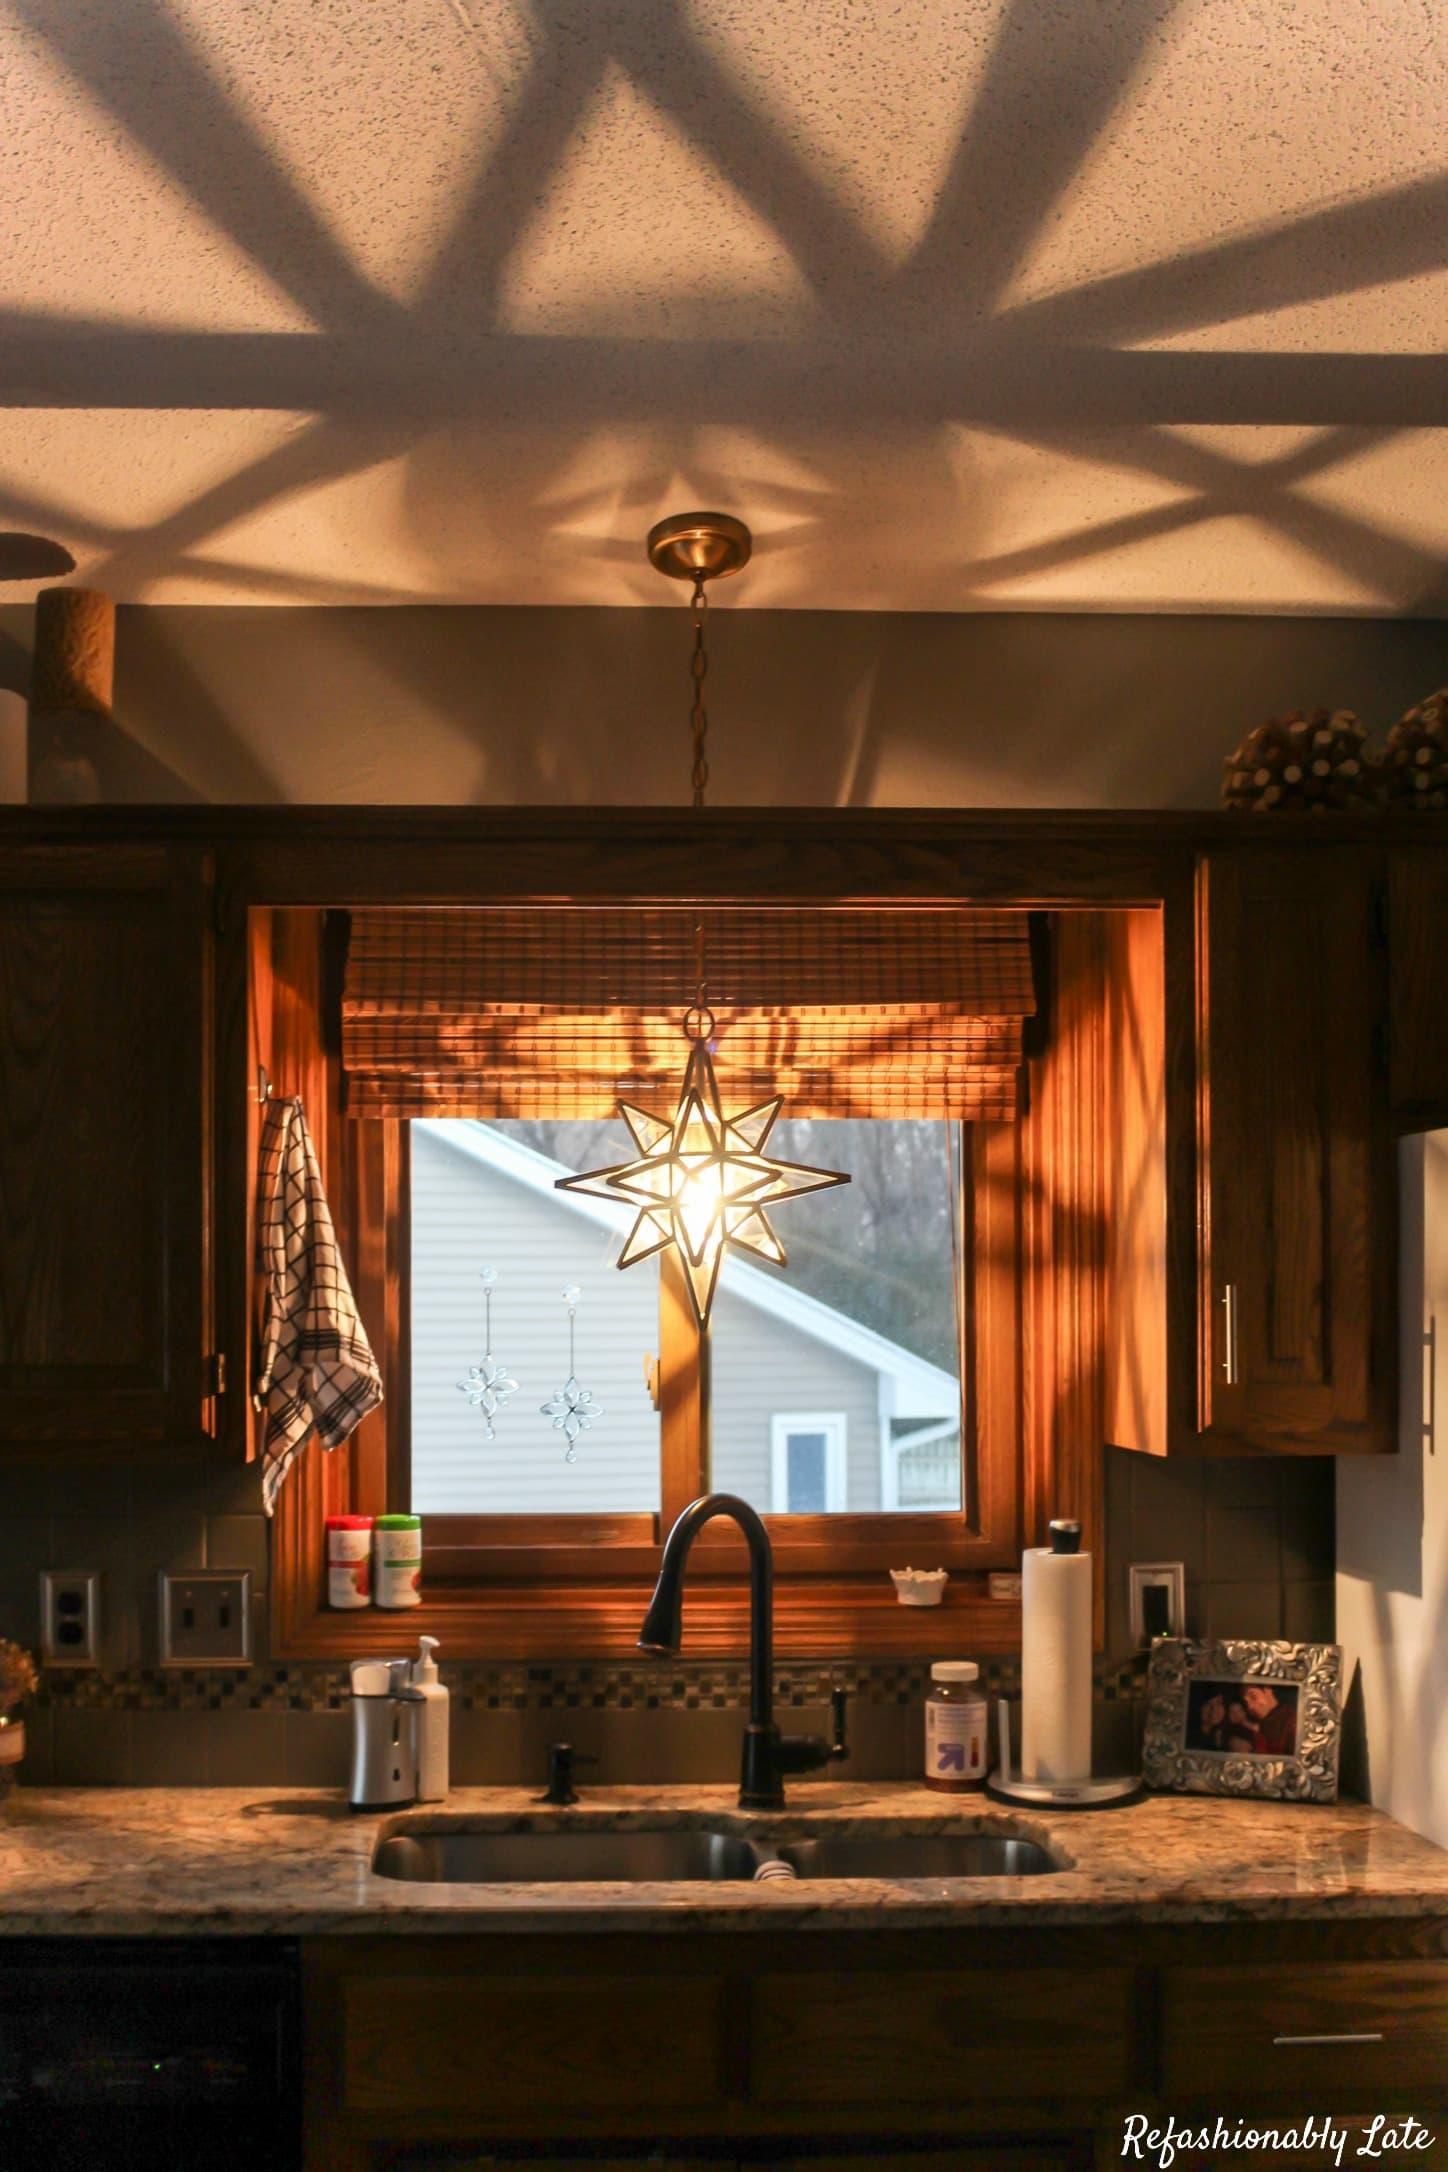 How to Change a Light Fixture - www.refashionablylate.com